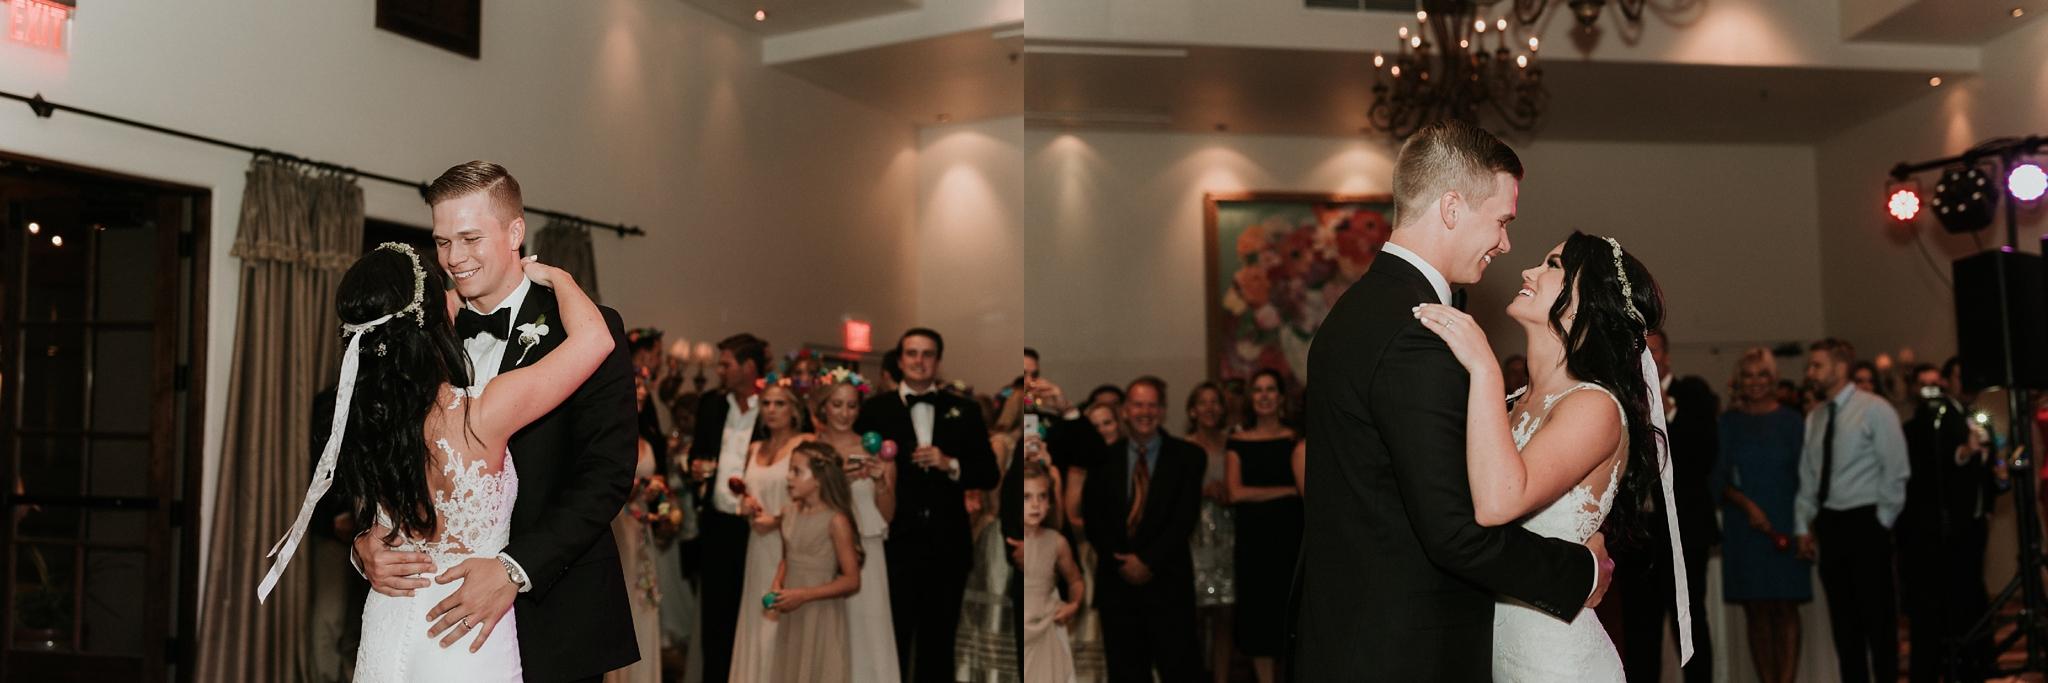 Alicia+lucia+photography+-+albuquerque+wedding+photographer+-+santa+fe+wedding+photography+-+new+mexico+wedding+photographer+-+new+mexico+wedding+-+wedding+photographer+-+wedding+photographer+team_0048.jpg